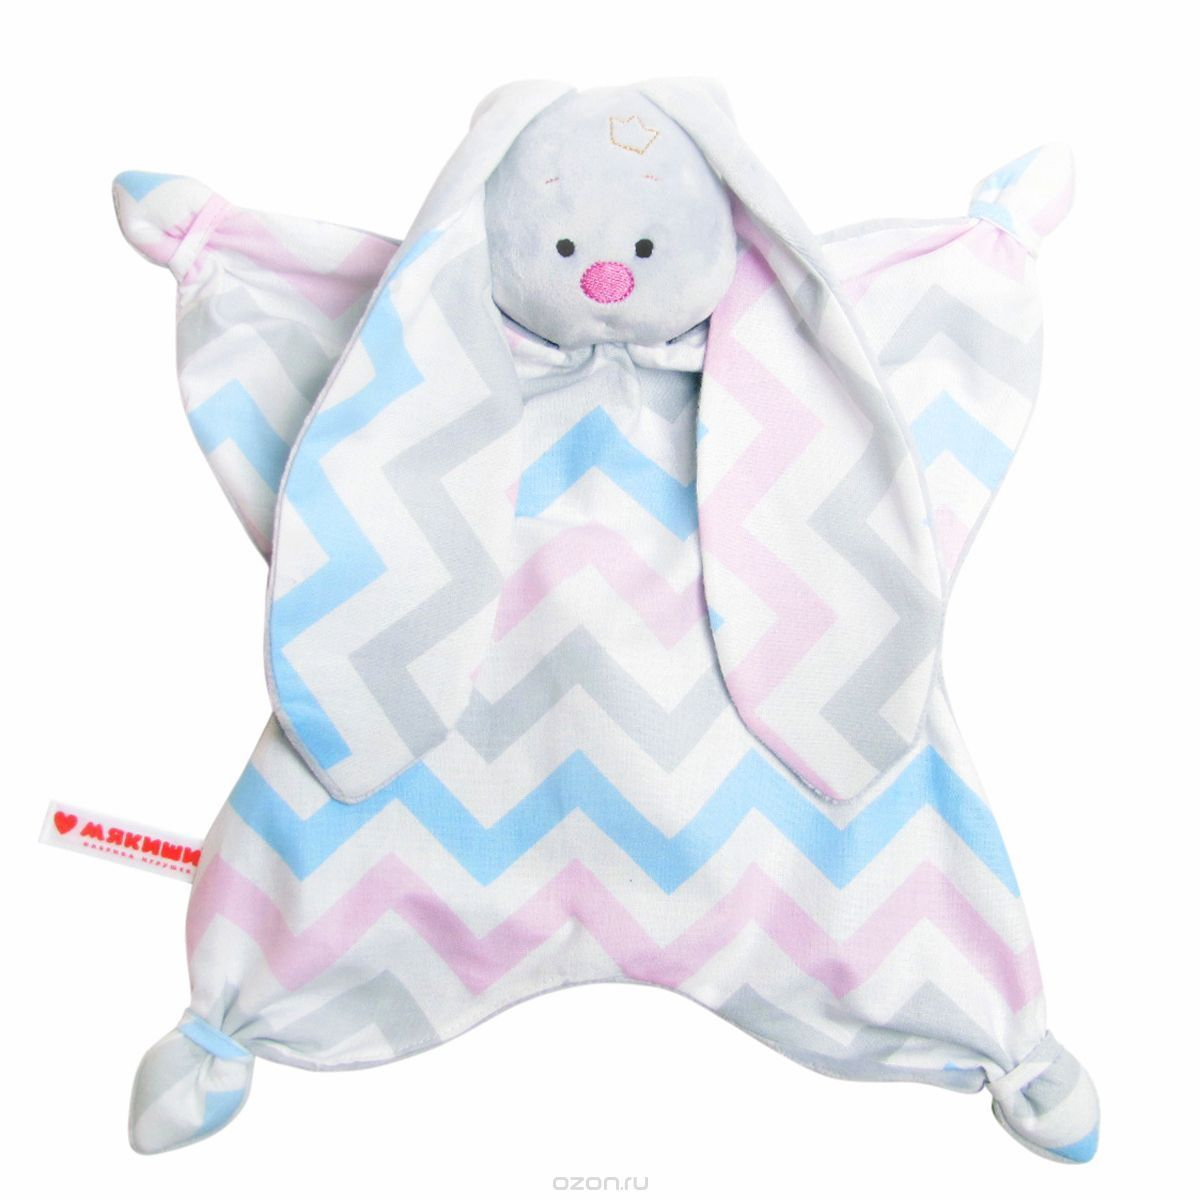 Уш плюш игрушка цена магазины ткани в москве с самым большим выбором тканей недорого